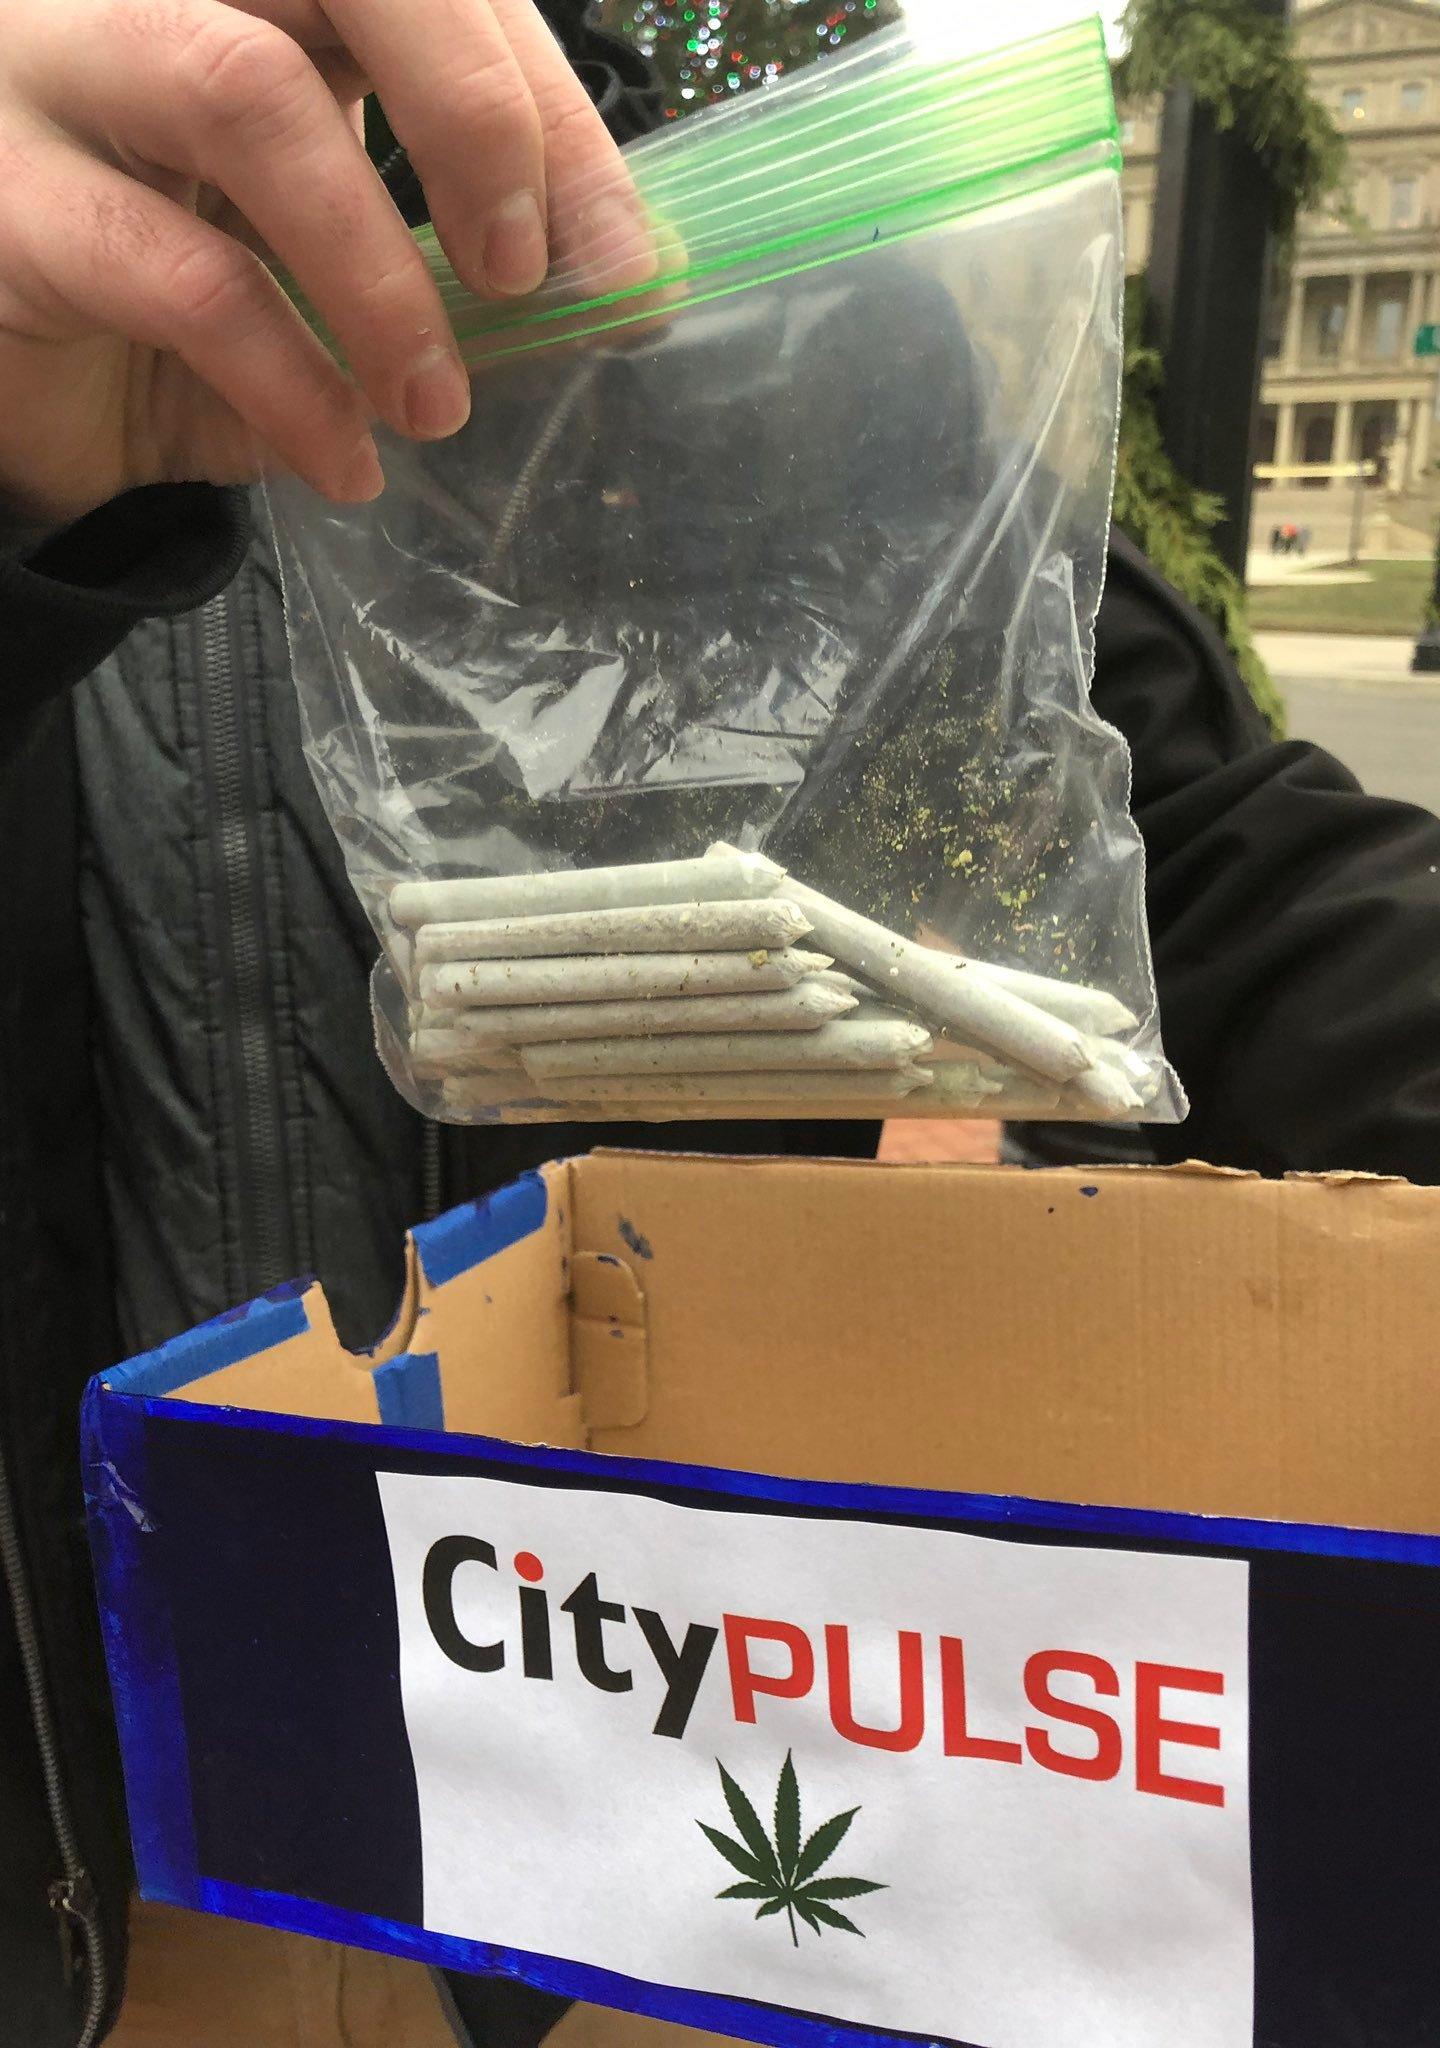 City Pulse joints_1544122151154.jpg-873774424.jpg